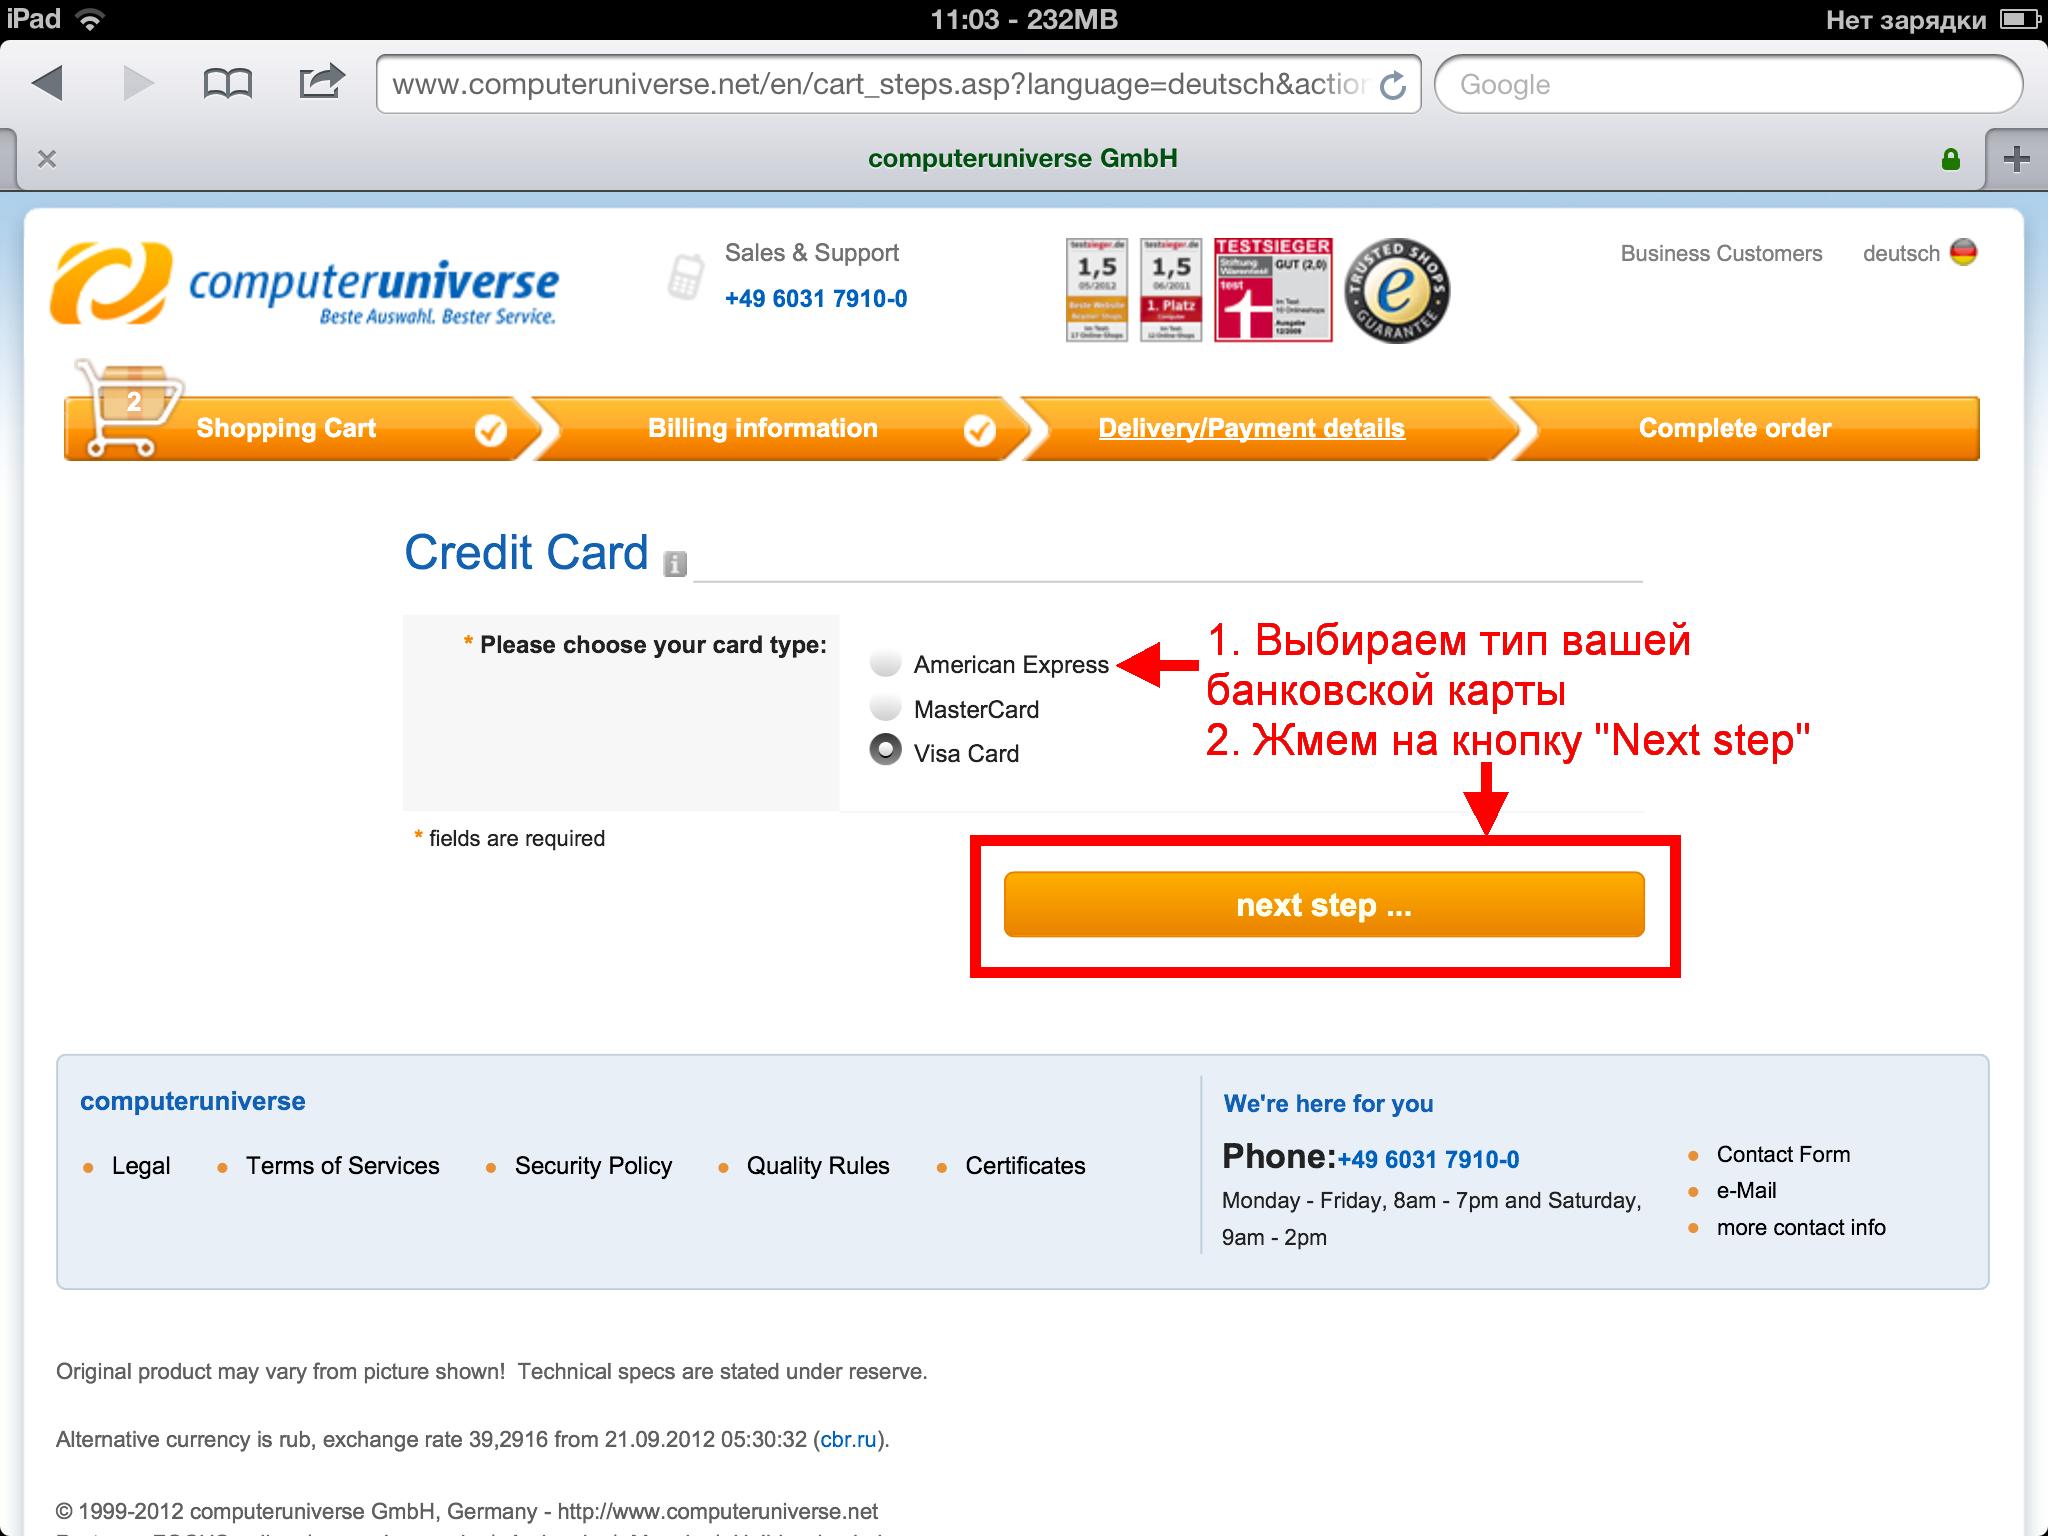 Выберите вашу кредитную карту